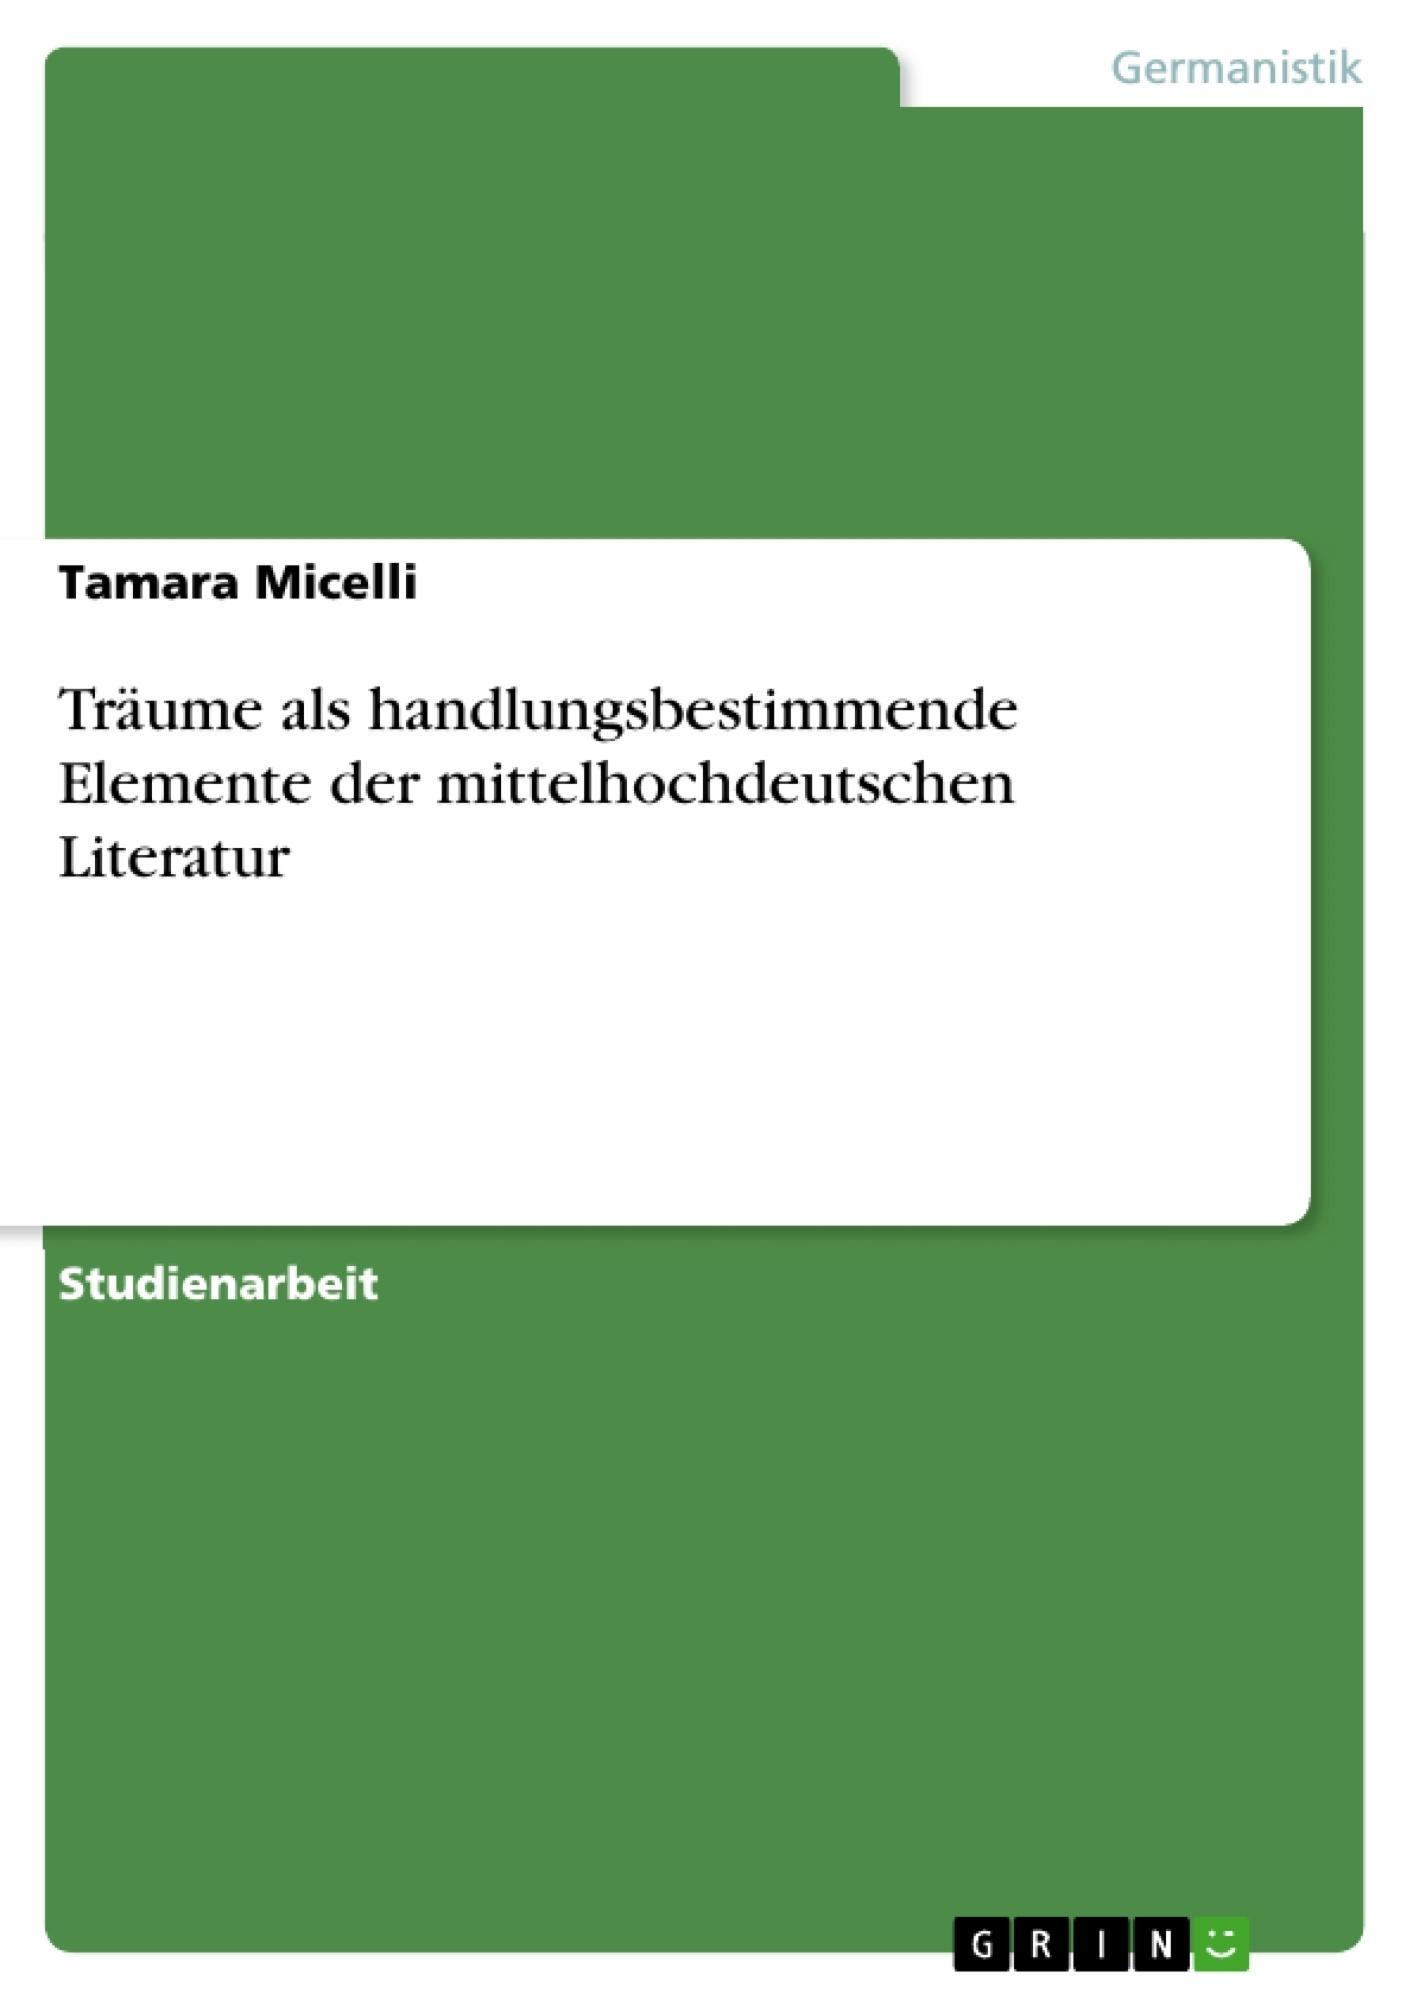 Titel: Träume als handlungsbestimmende Elemente der mittelhochdeutschen Literatur